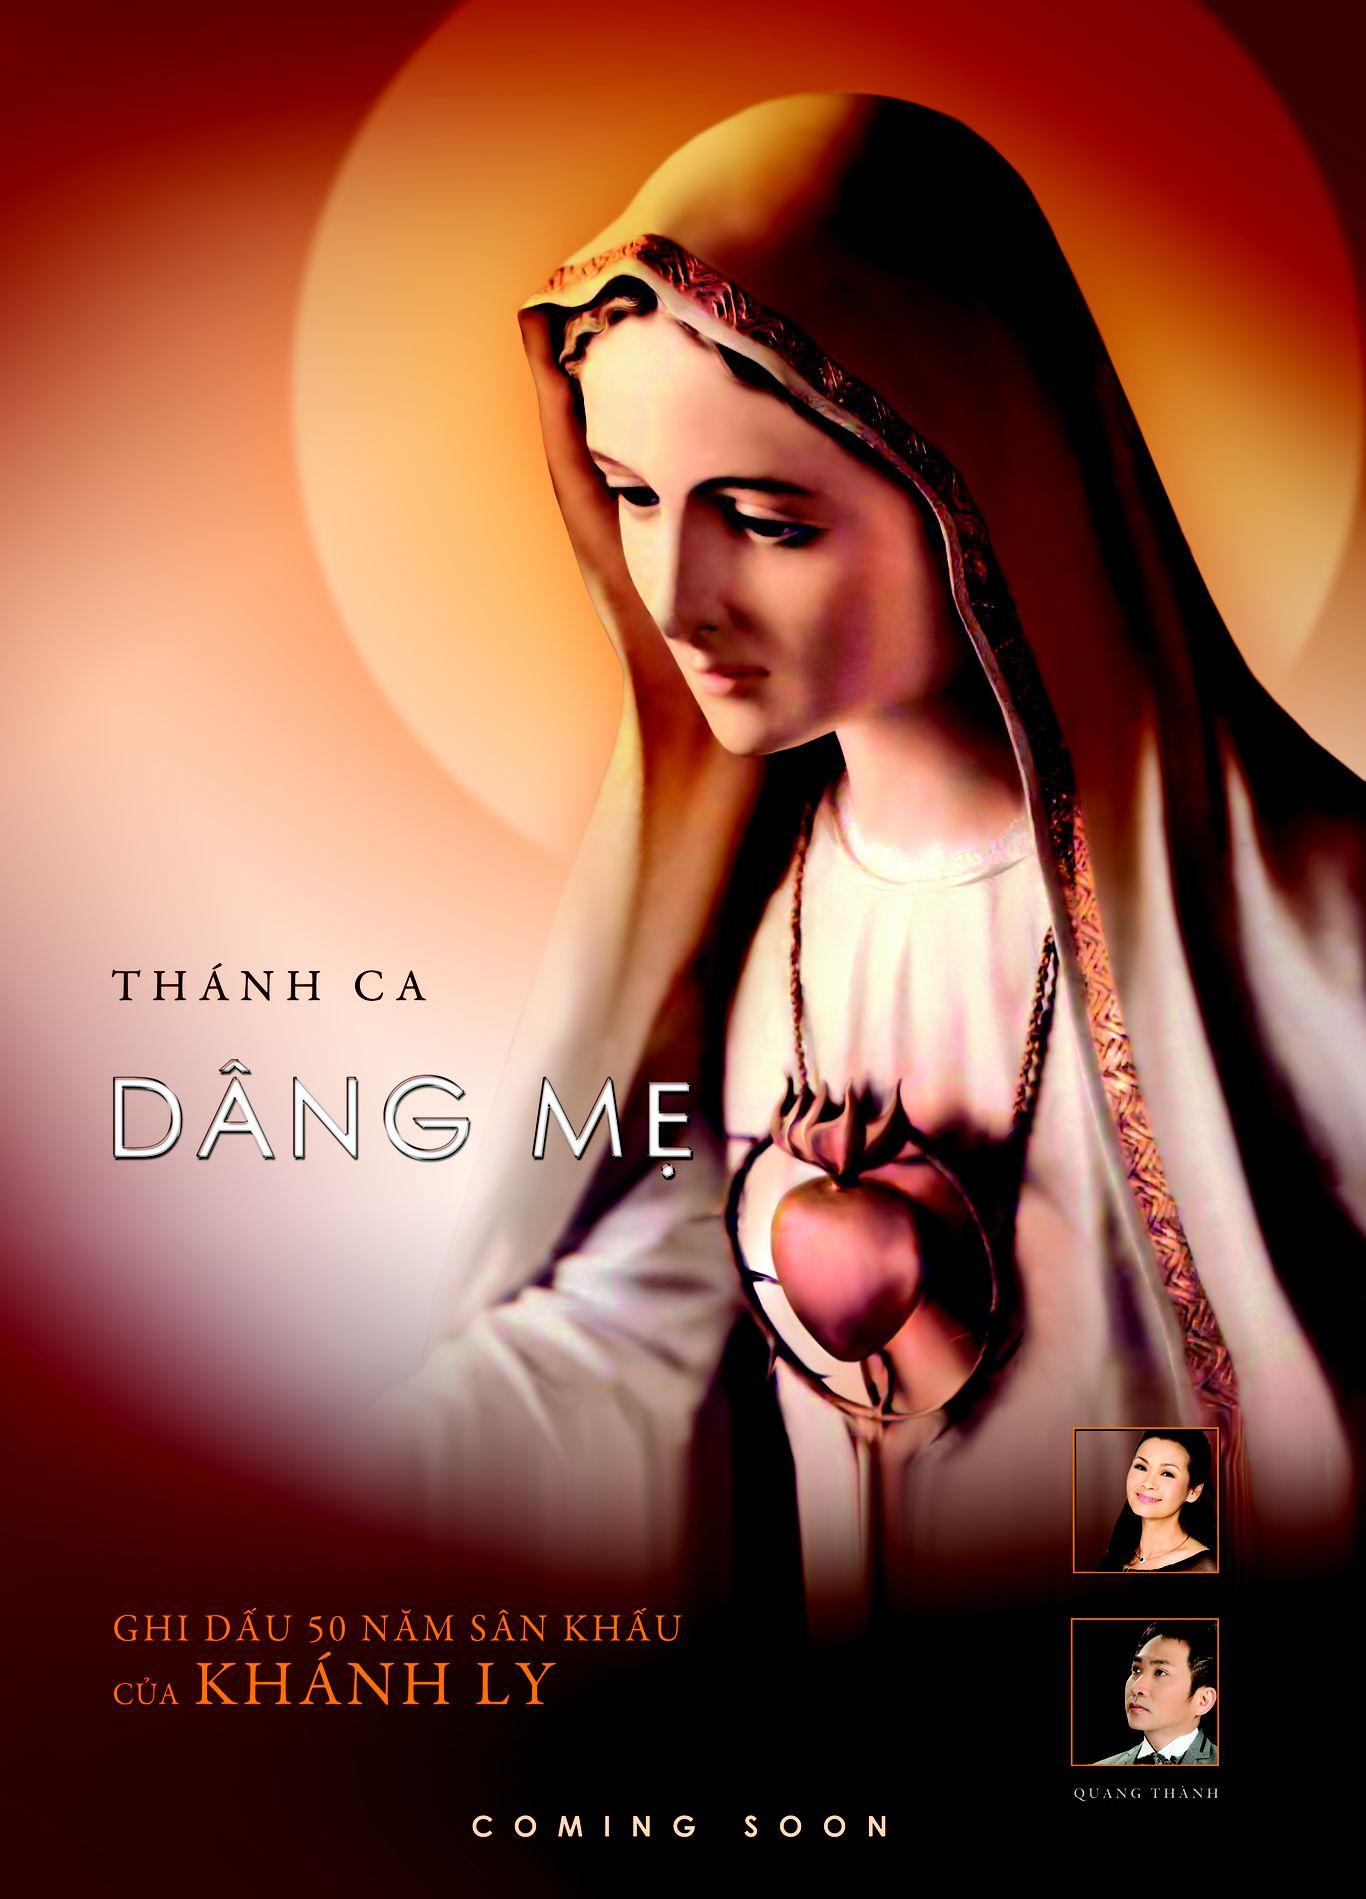 [DVD5] Thánh Ca Dâng Mẹ